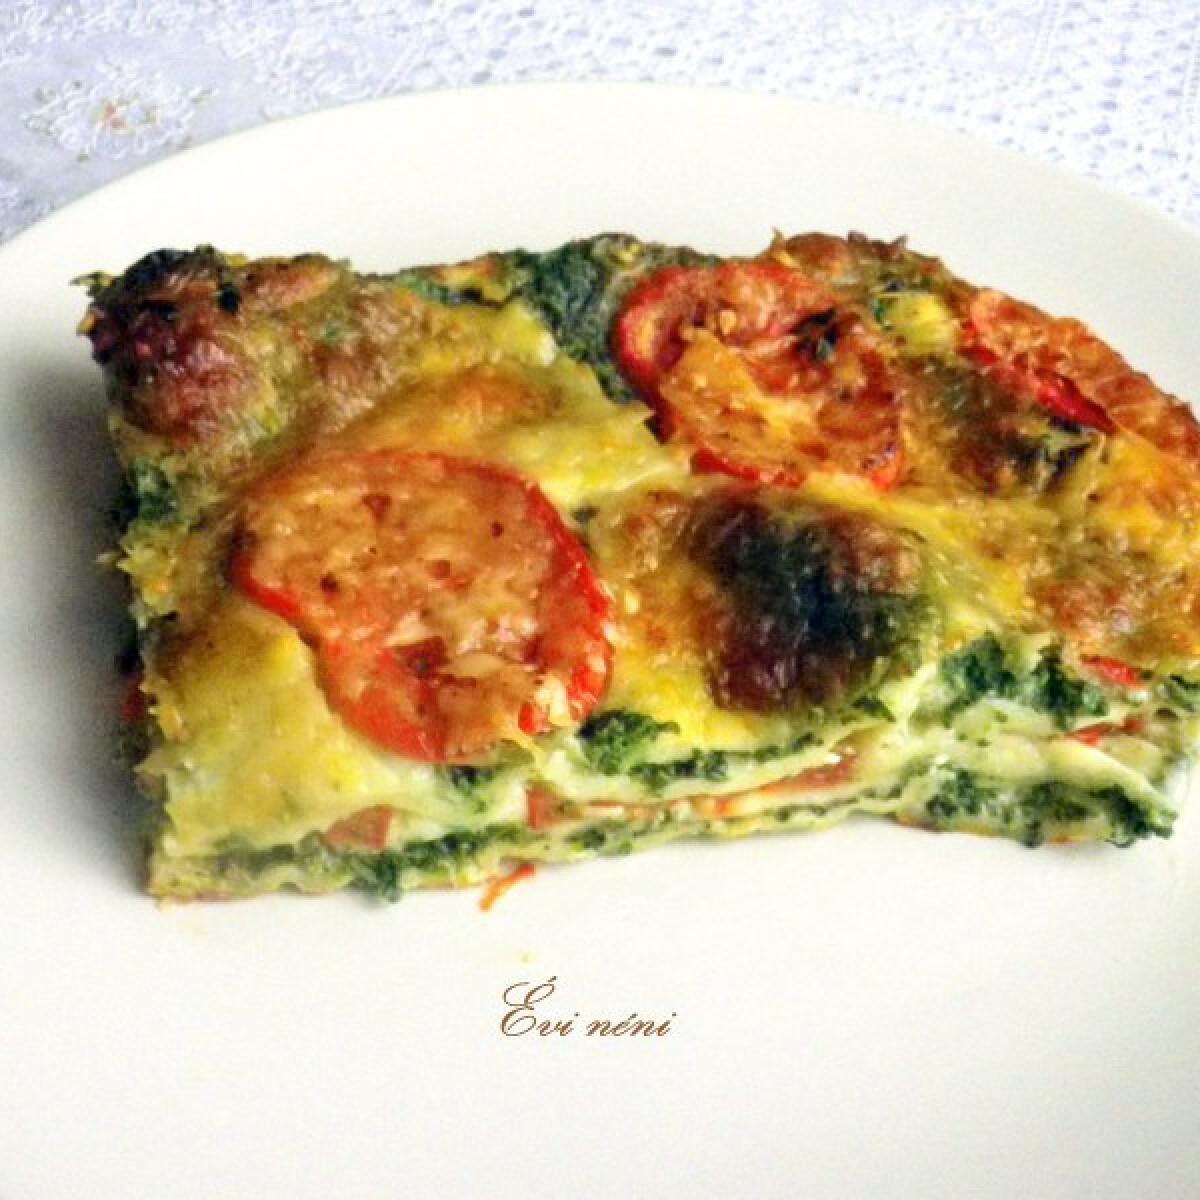 Ezen a képen: Spenótos mozzarellás lasagne